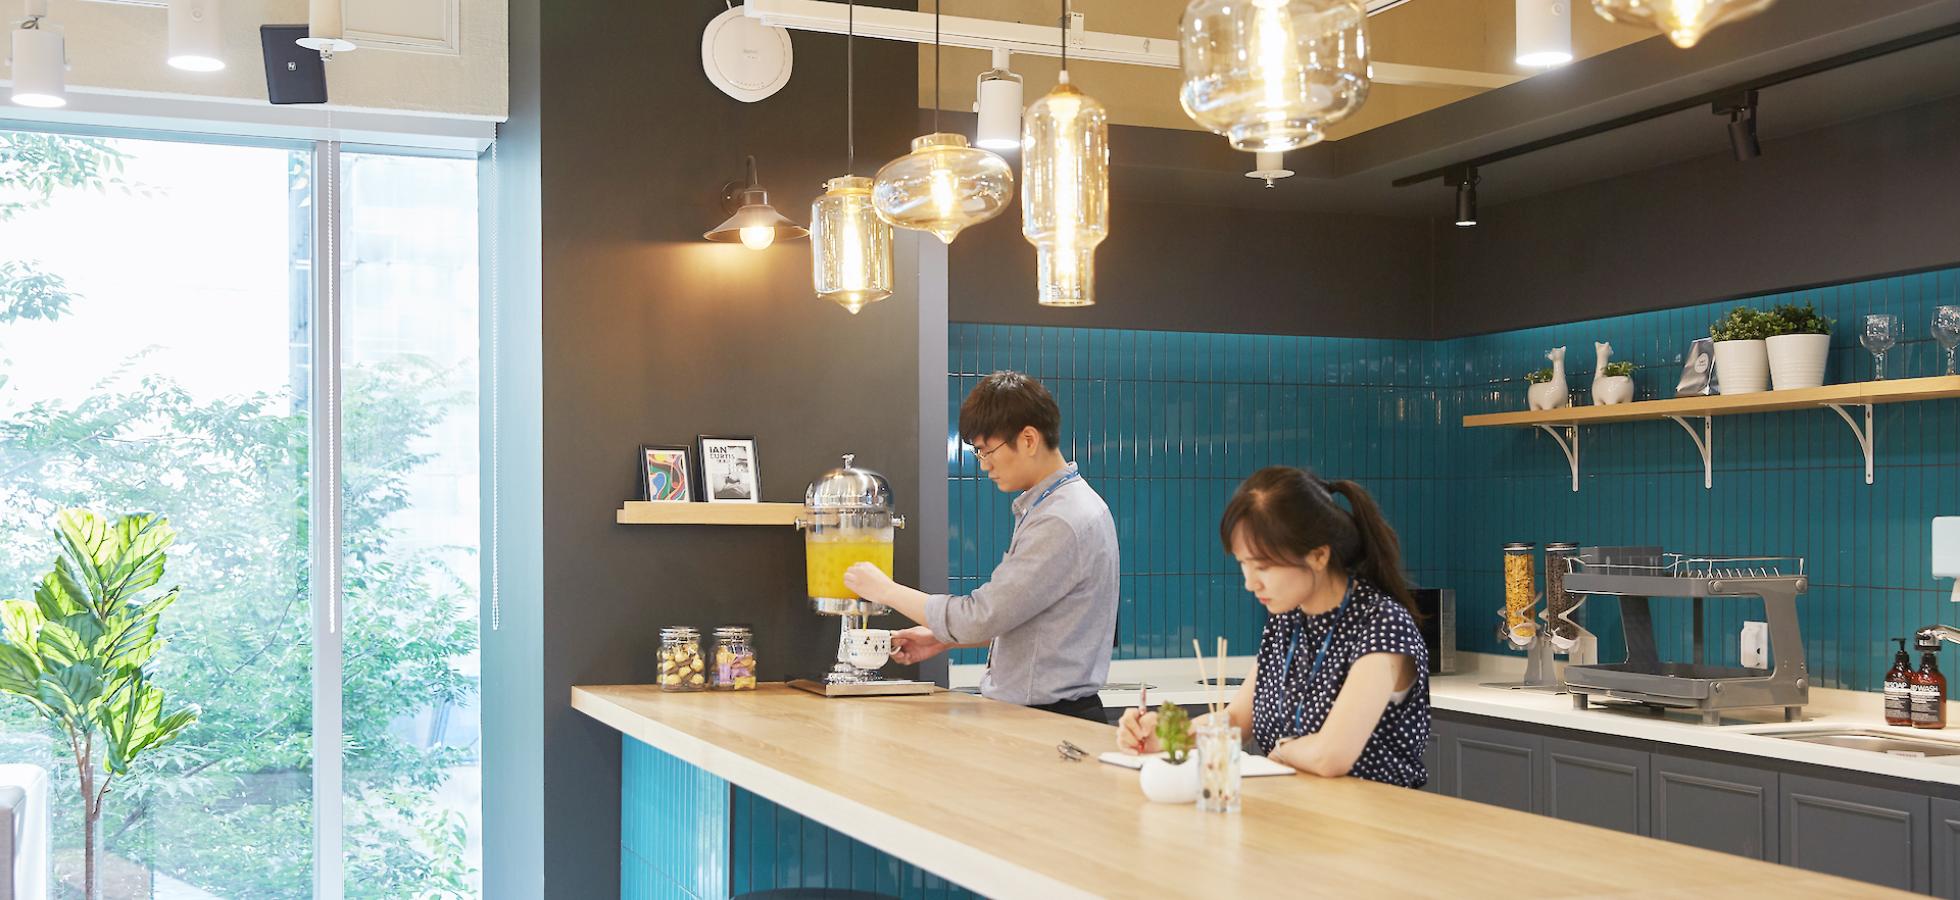 선릉점-지점상세소개-공용캔틴1@2x